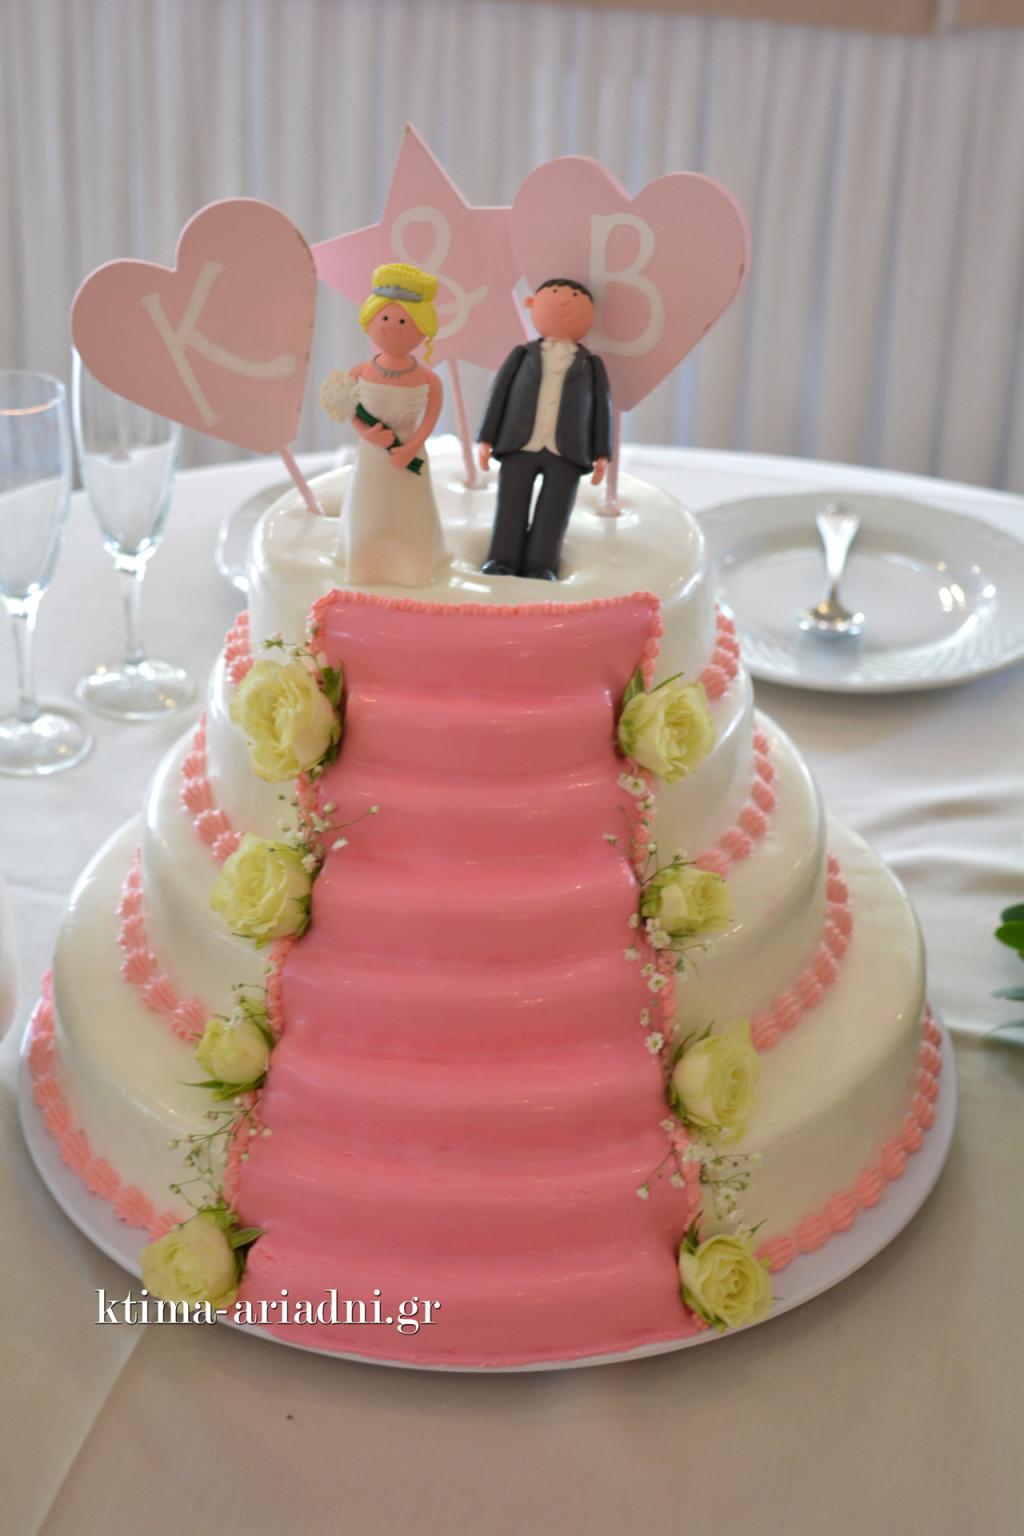 Η τούρτα γάμου και στη κορυφή η Μπάρμπι και ο Κεν. Μετά από λίγα λεπτά, έκαναν και την είσοδό τους στην αίθουσα